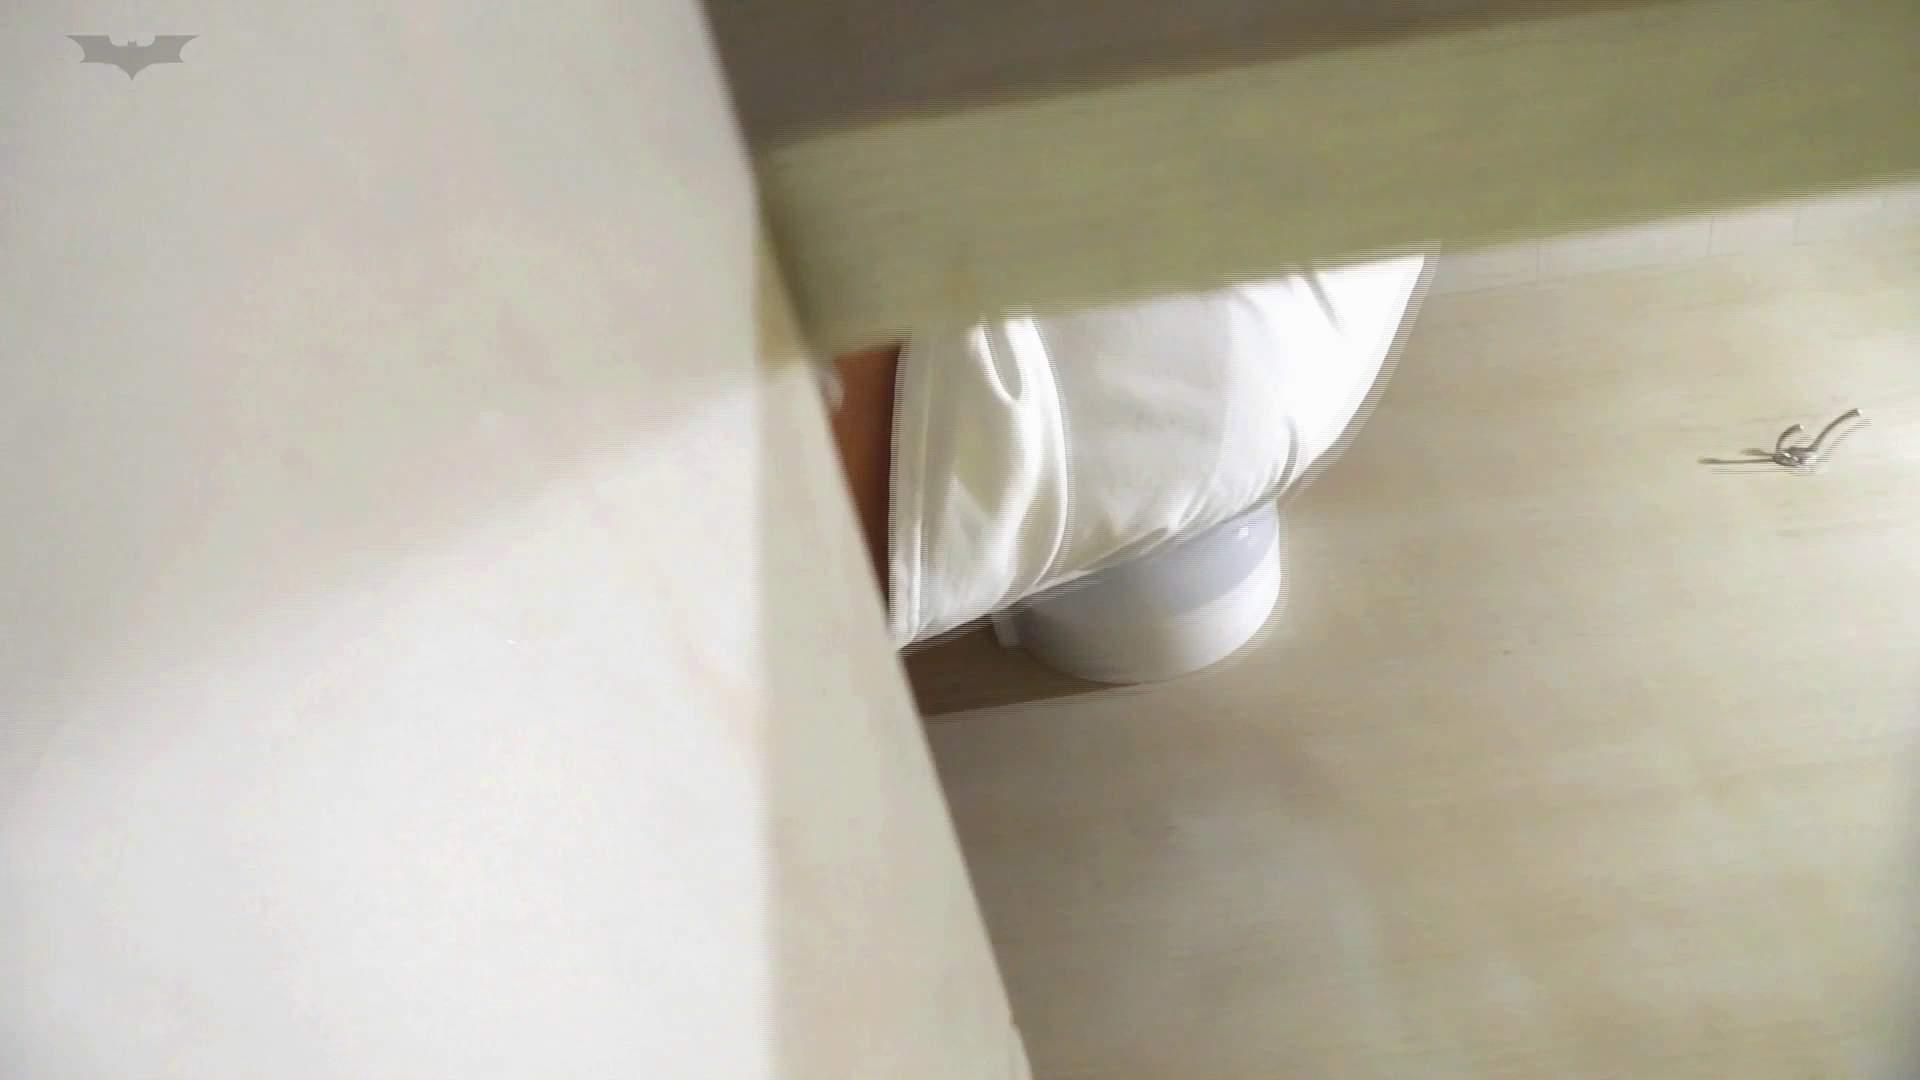 和式洋式七変化 Vol.32 綺麗な子連続登場 洗面所 | OL女体  83連発 31